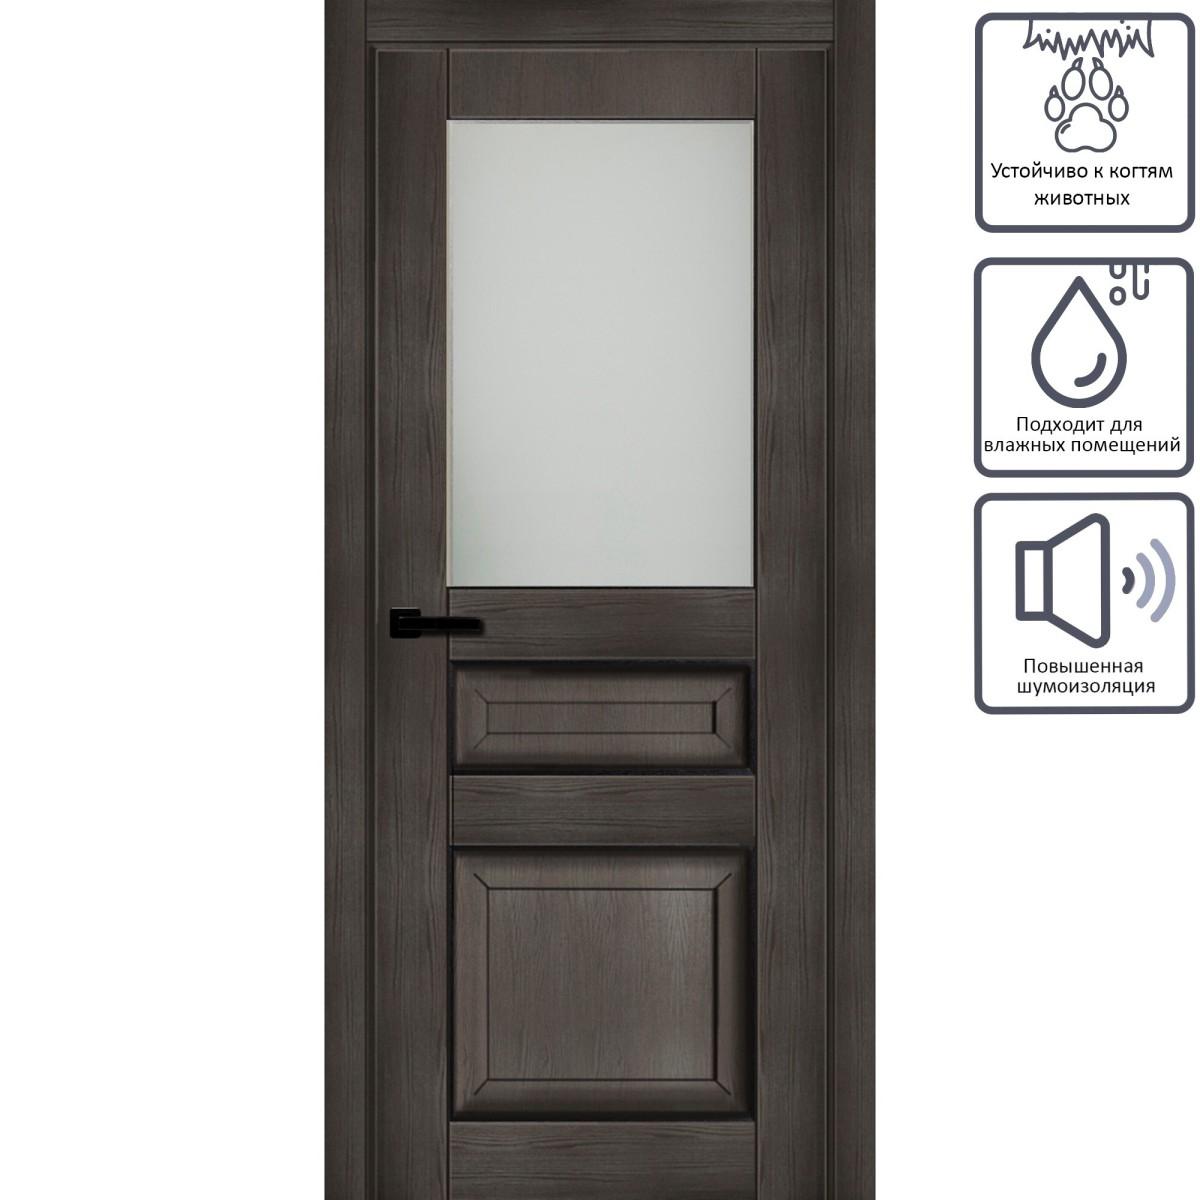 Дверь Межкомнатная Глухая С Замком В Комплекте Дерби 2100x800 Cpl Цвет Дуб Чёрный